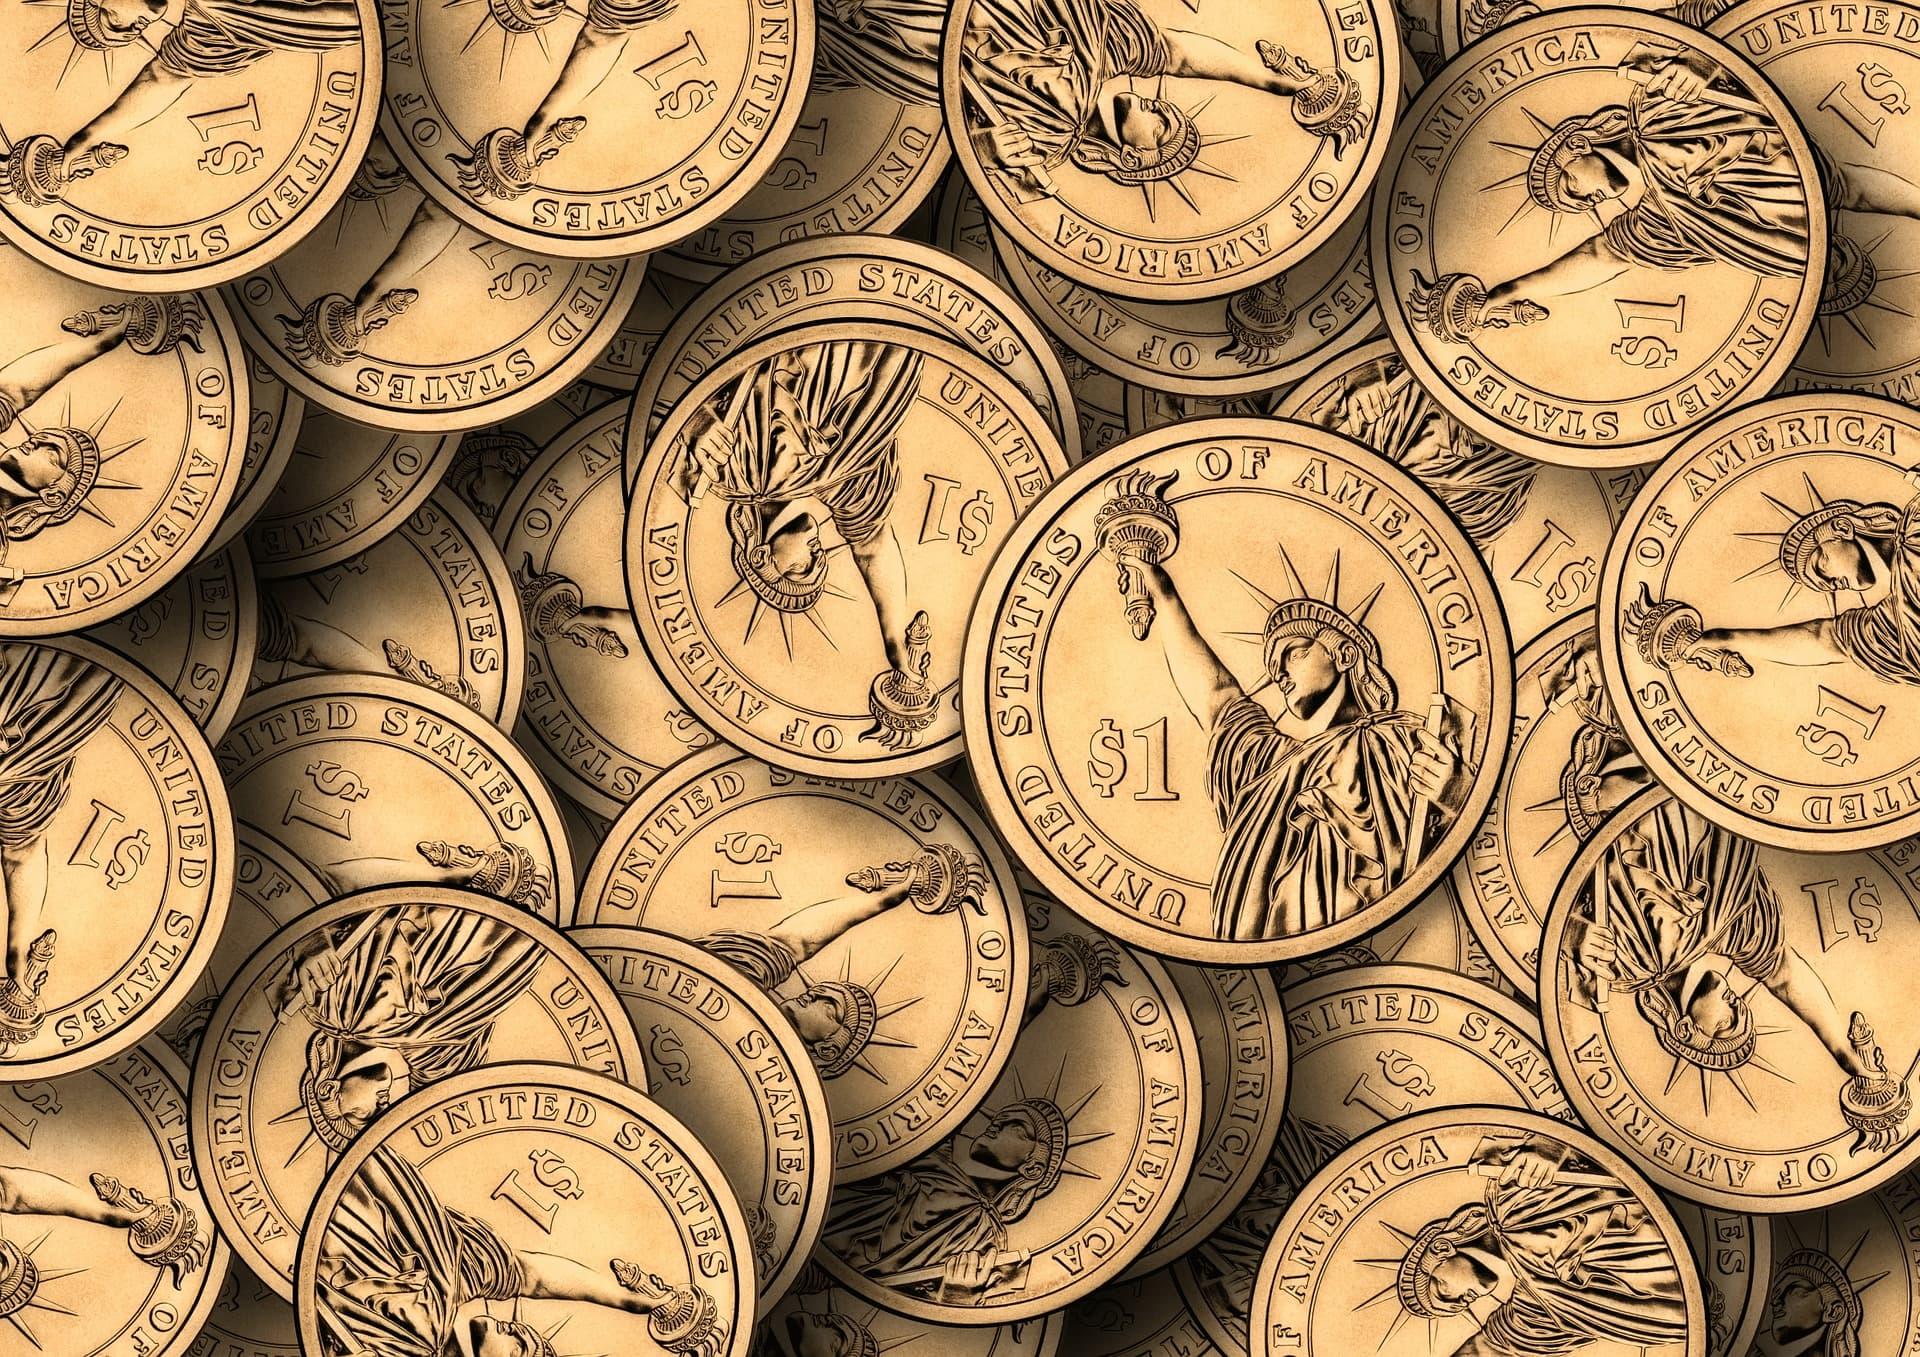 Imagen de monedas de un dollar